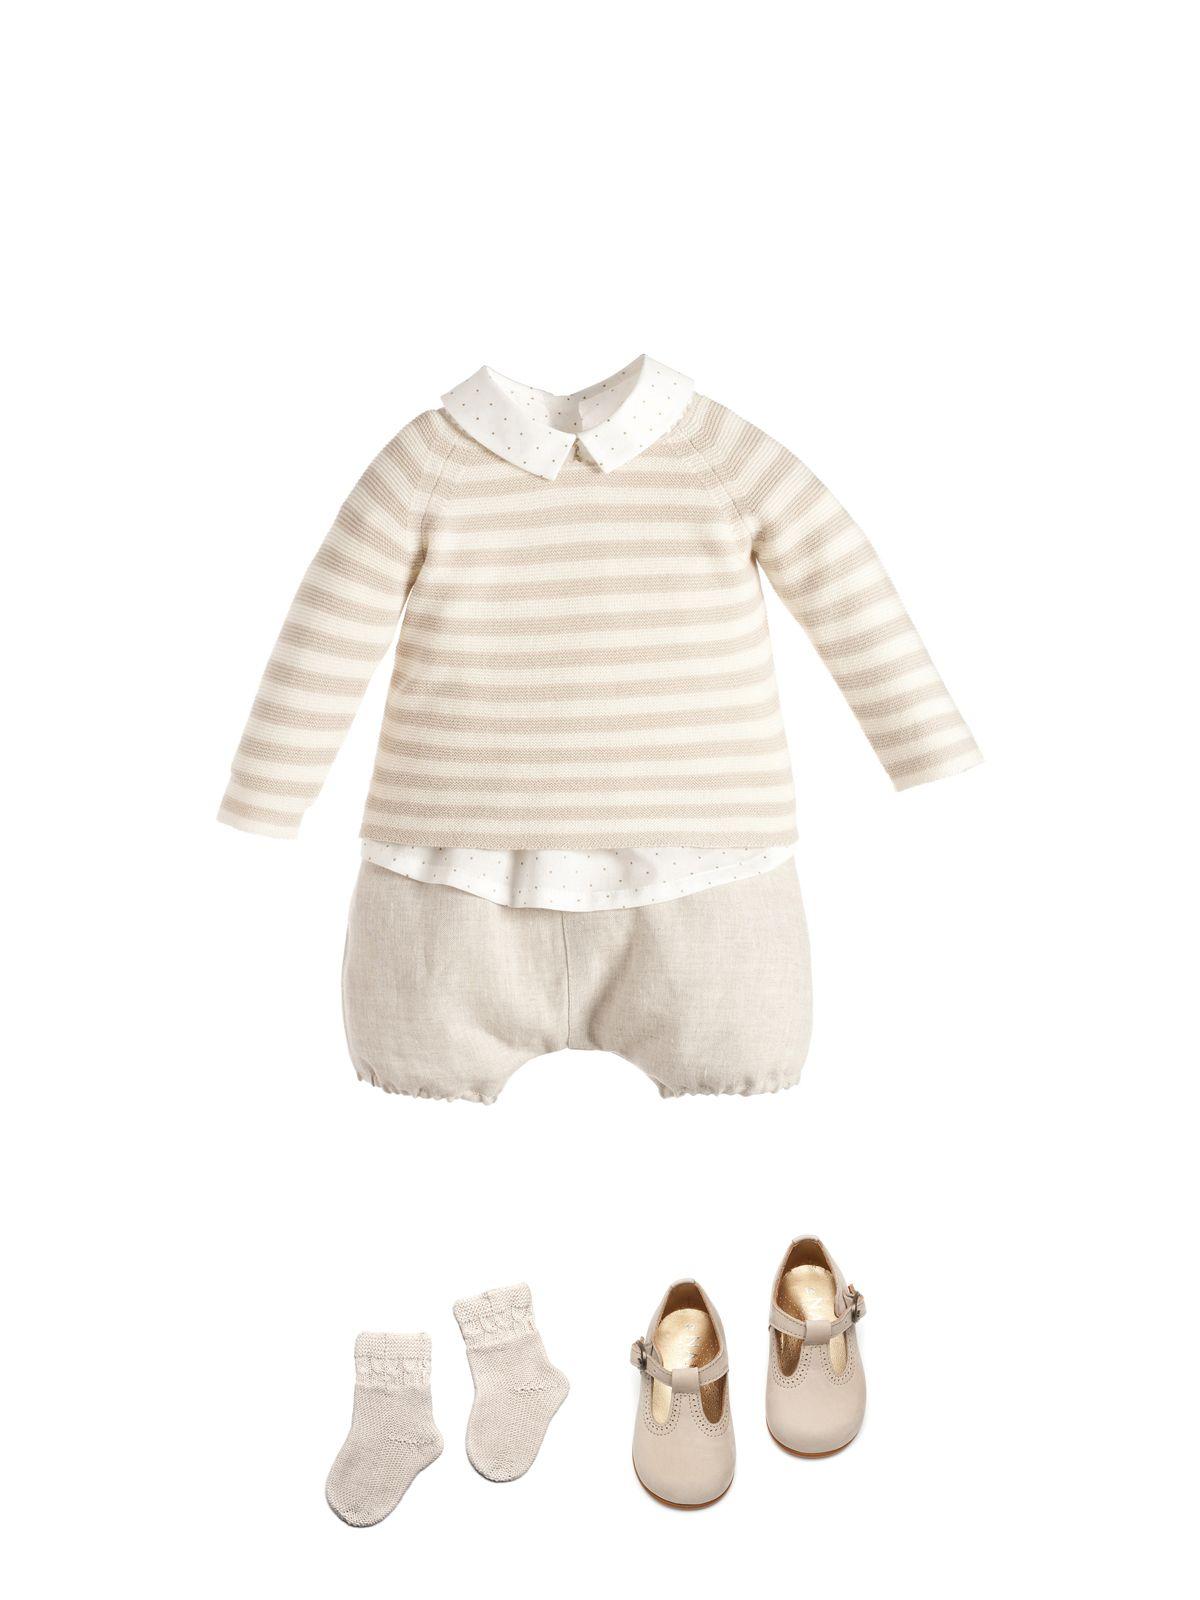 d37b506a9 NANOS SHOP ONLINE. Detalle Newborn Outfits